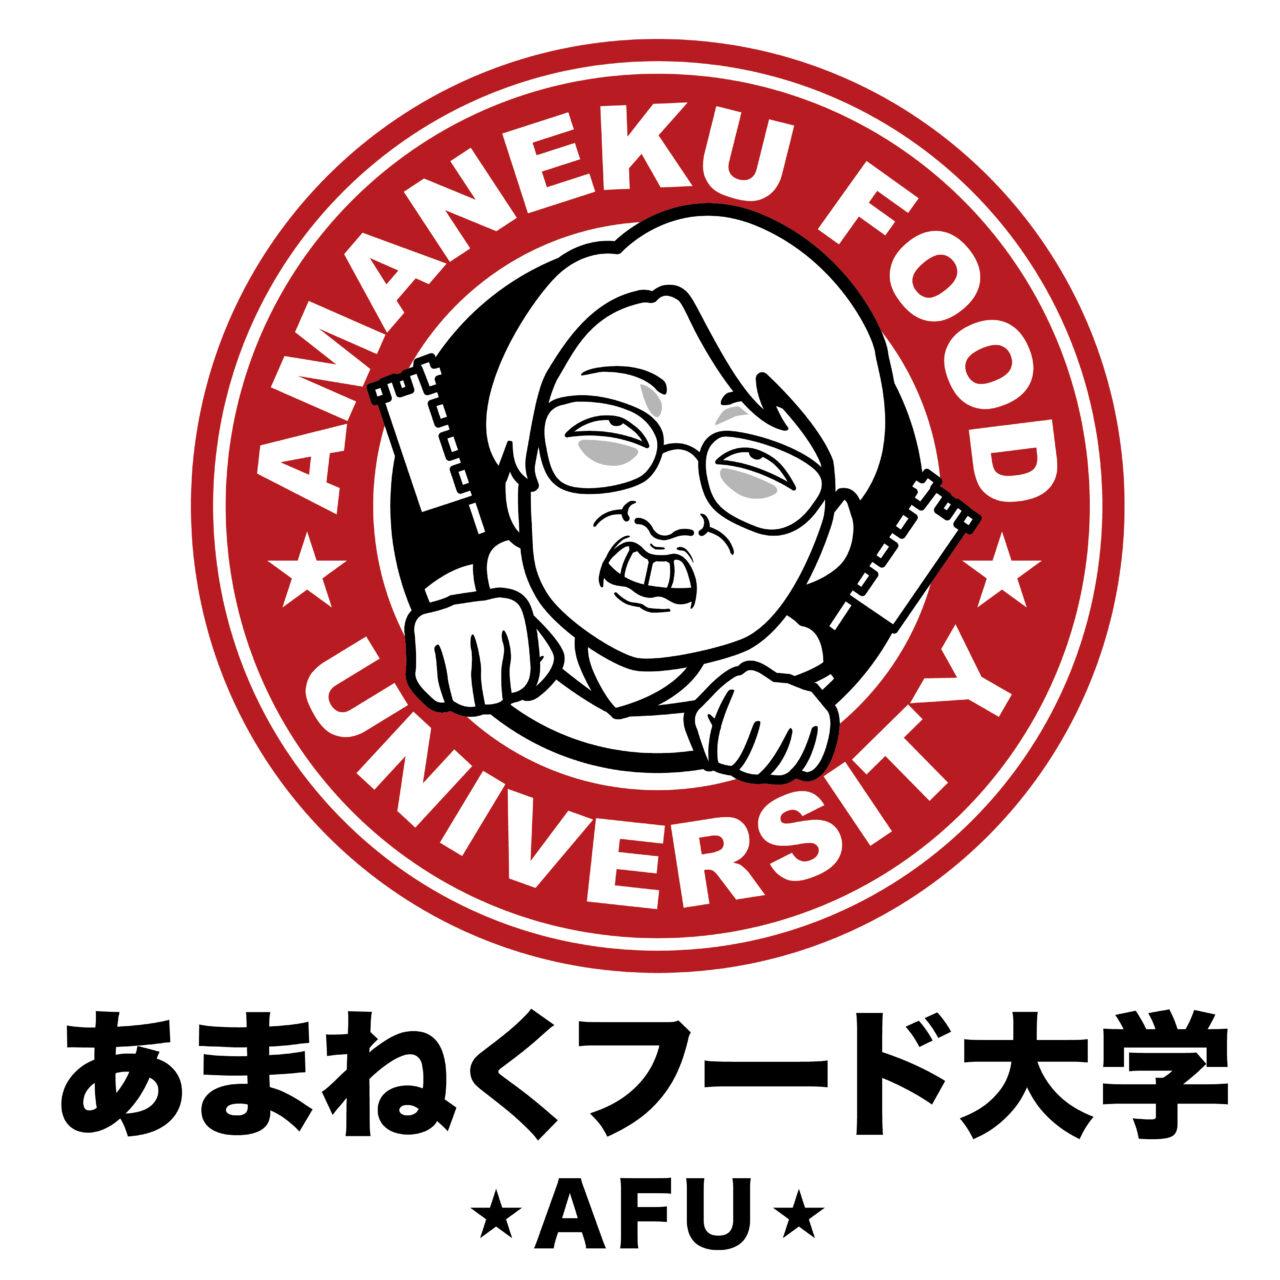 あまねくフード大学 AFU